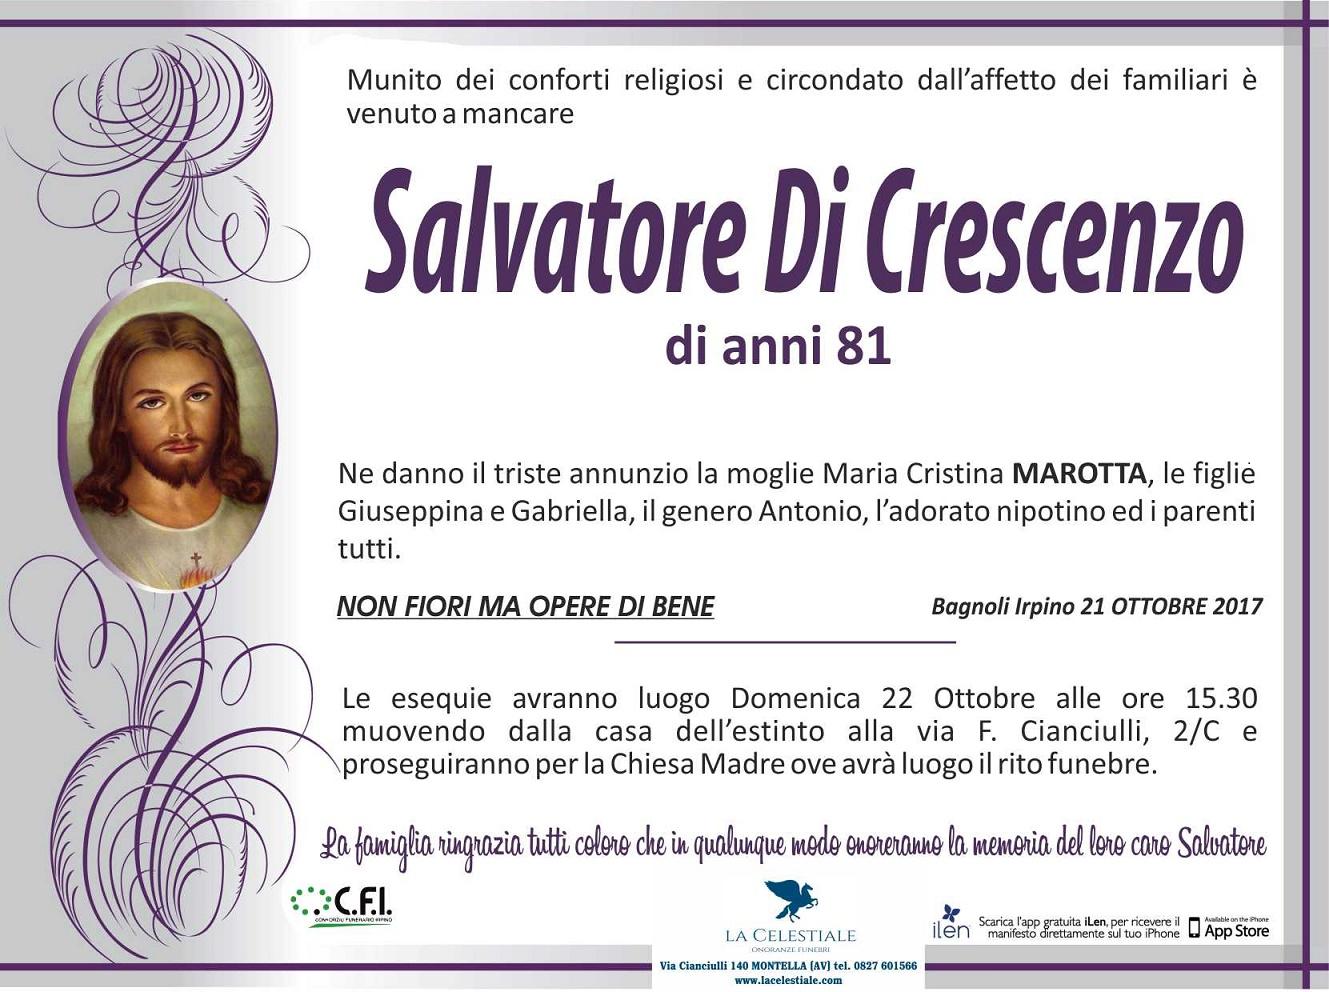 Salvatore-Di-Crescenzo